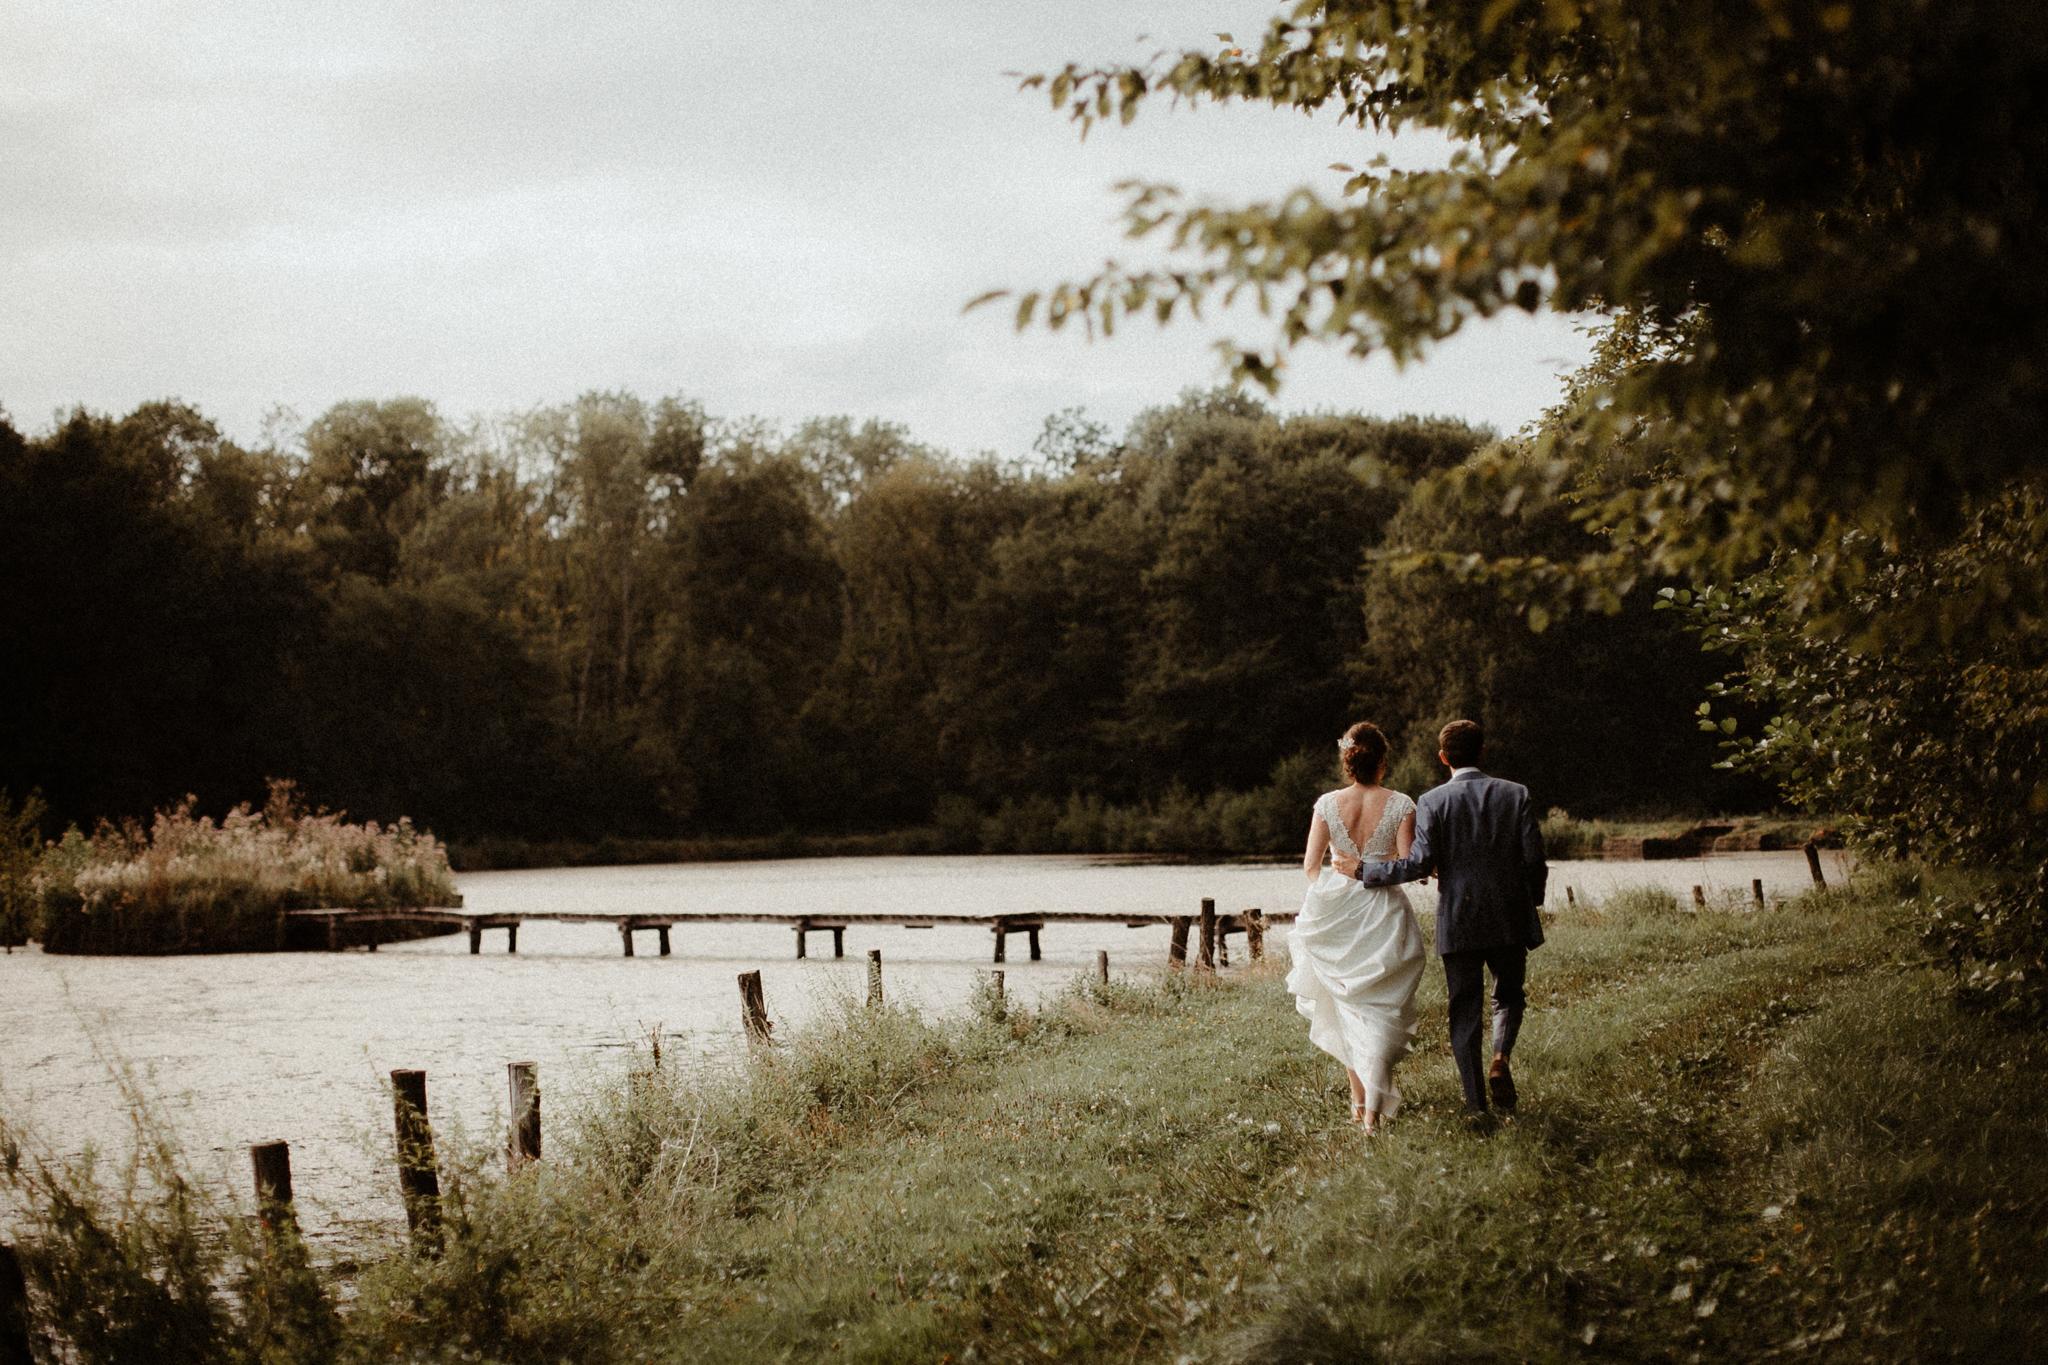 photographe-mariage-besançon-franche-comté-suisse-couple-lifestyle-sonia_oysel